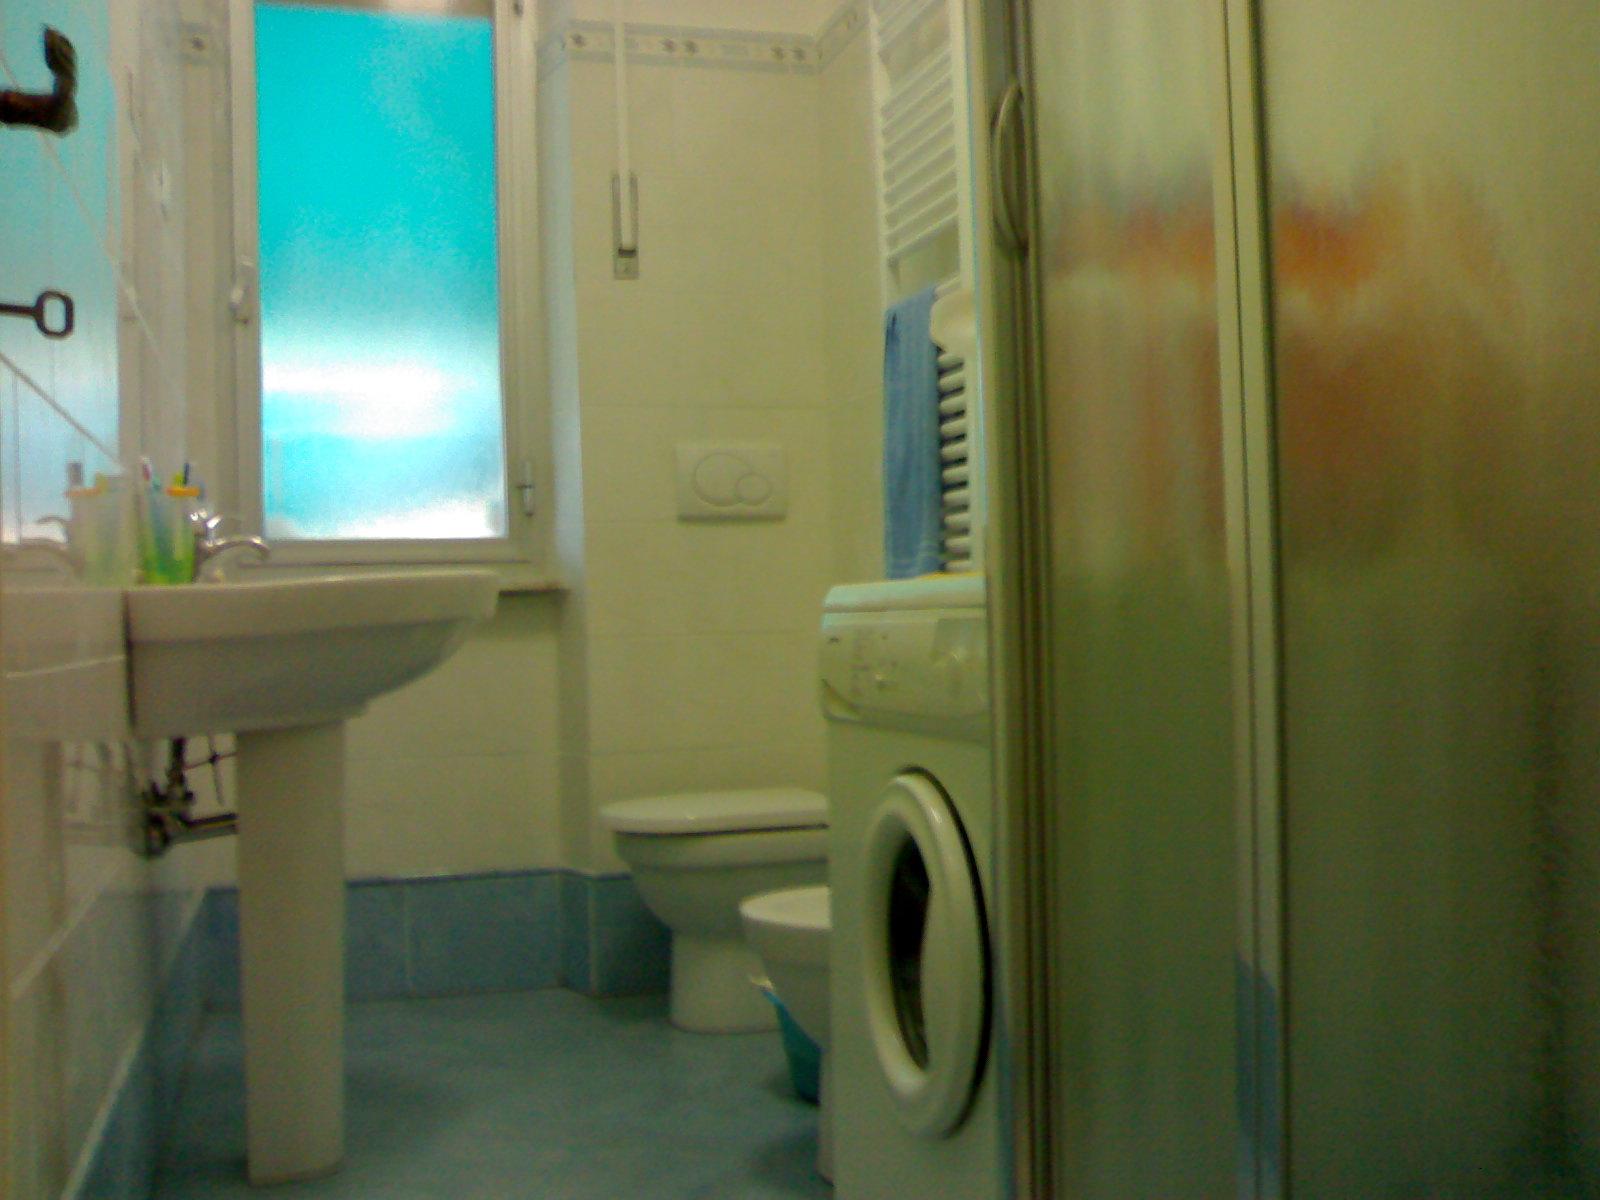 Foto bagno - Muffa piastrelle doccia ...